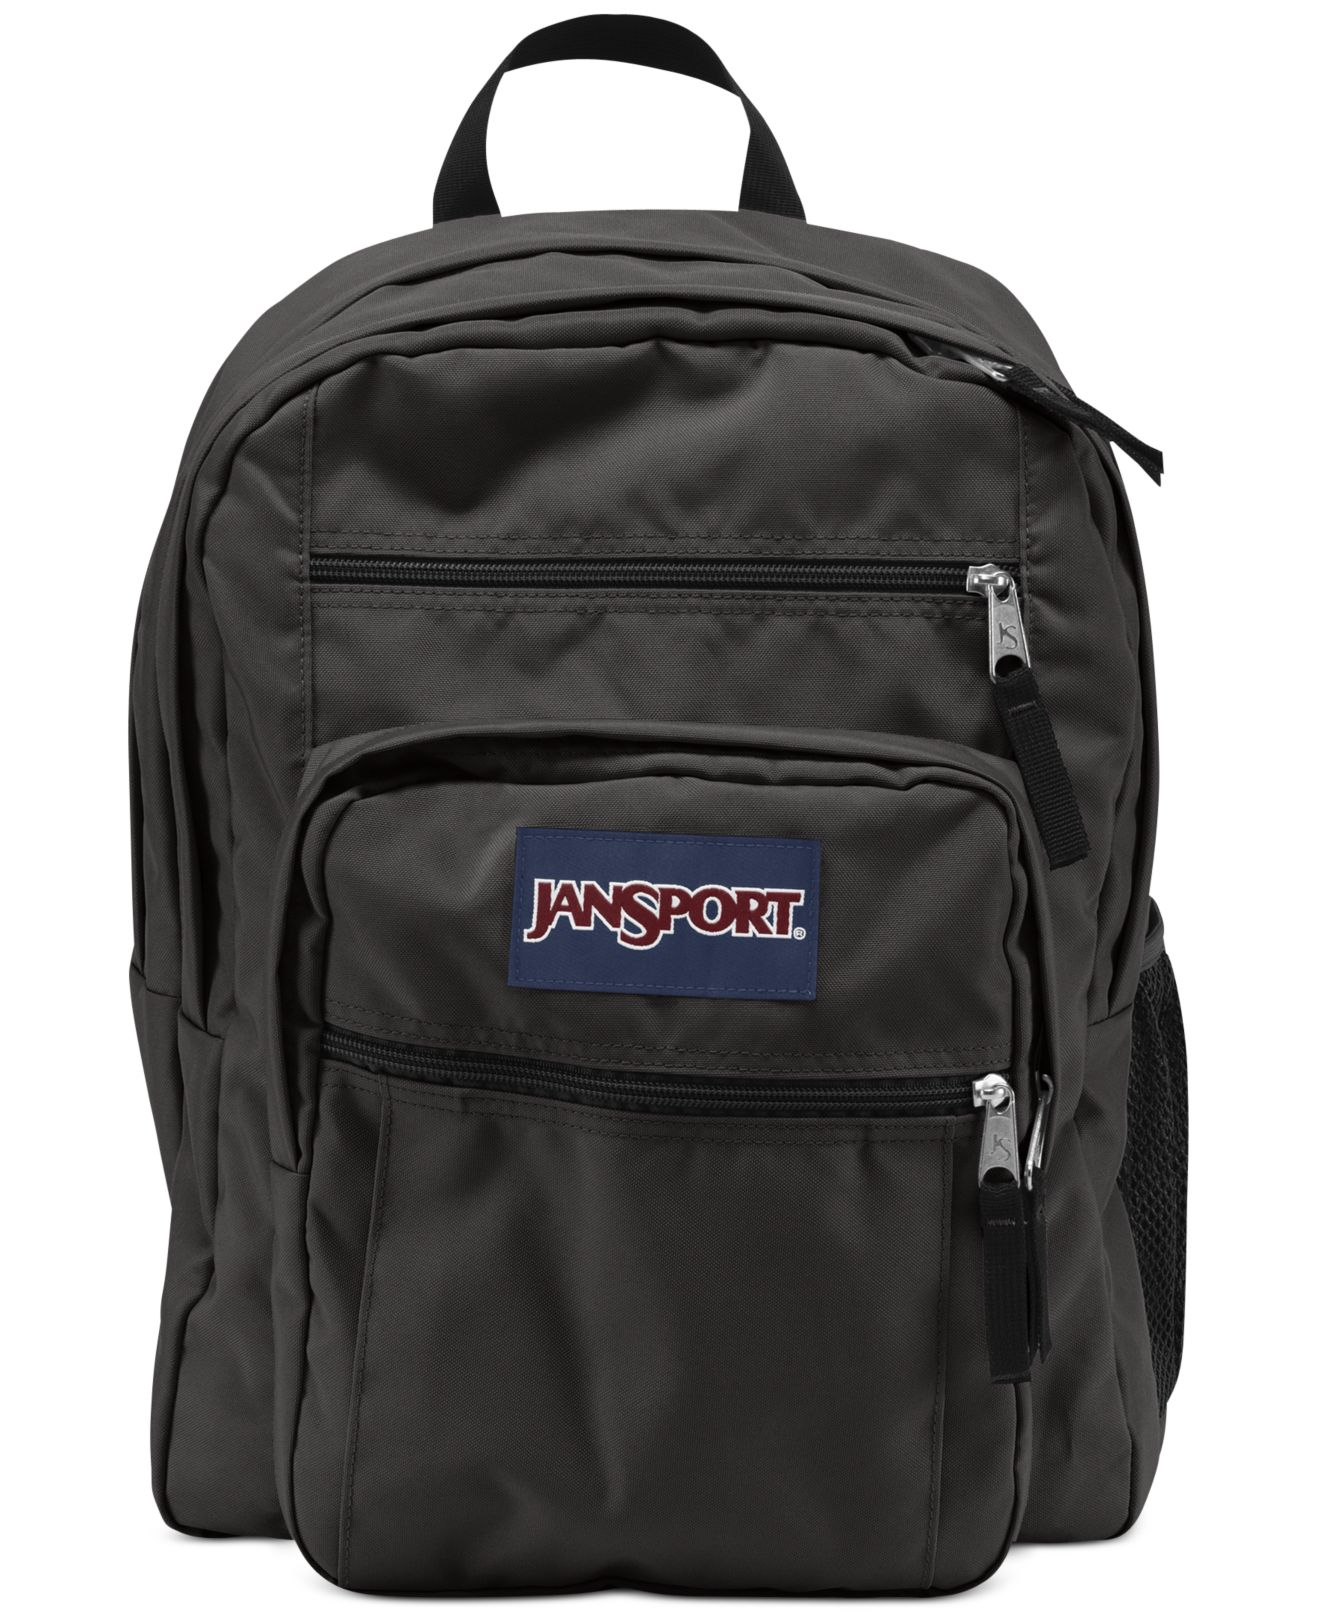 Jansport Backpacks Clearance - Crazy Backpacks